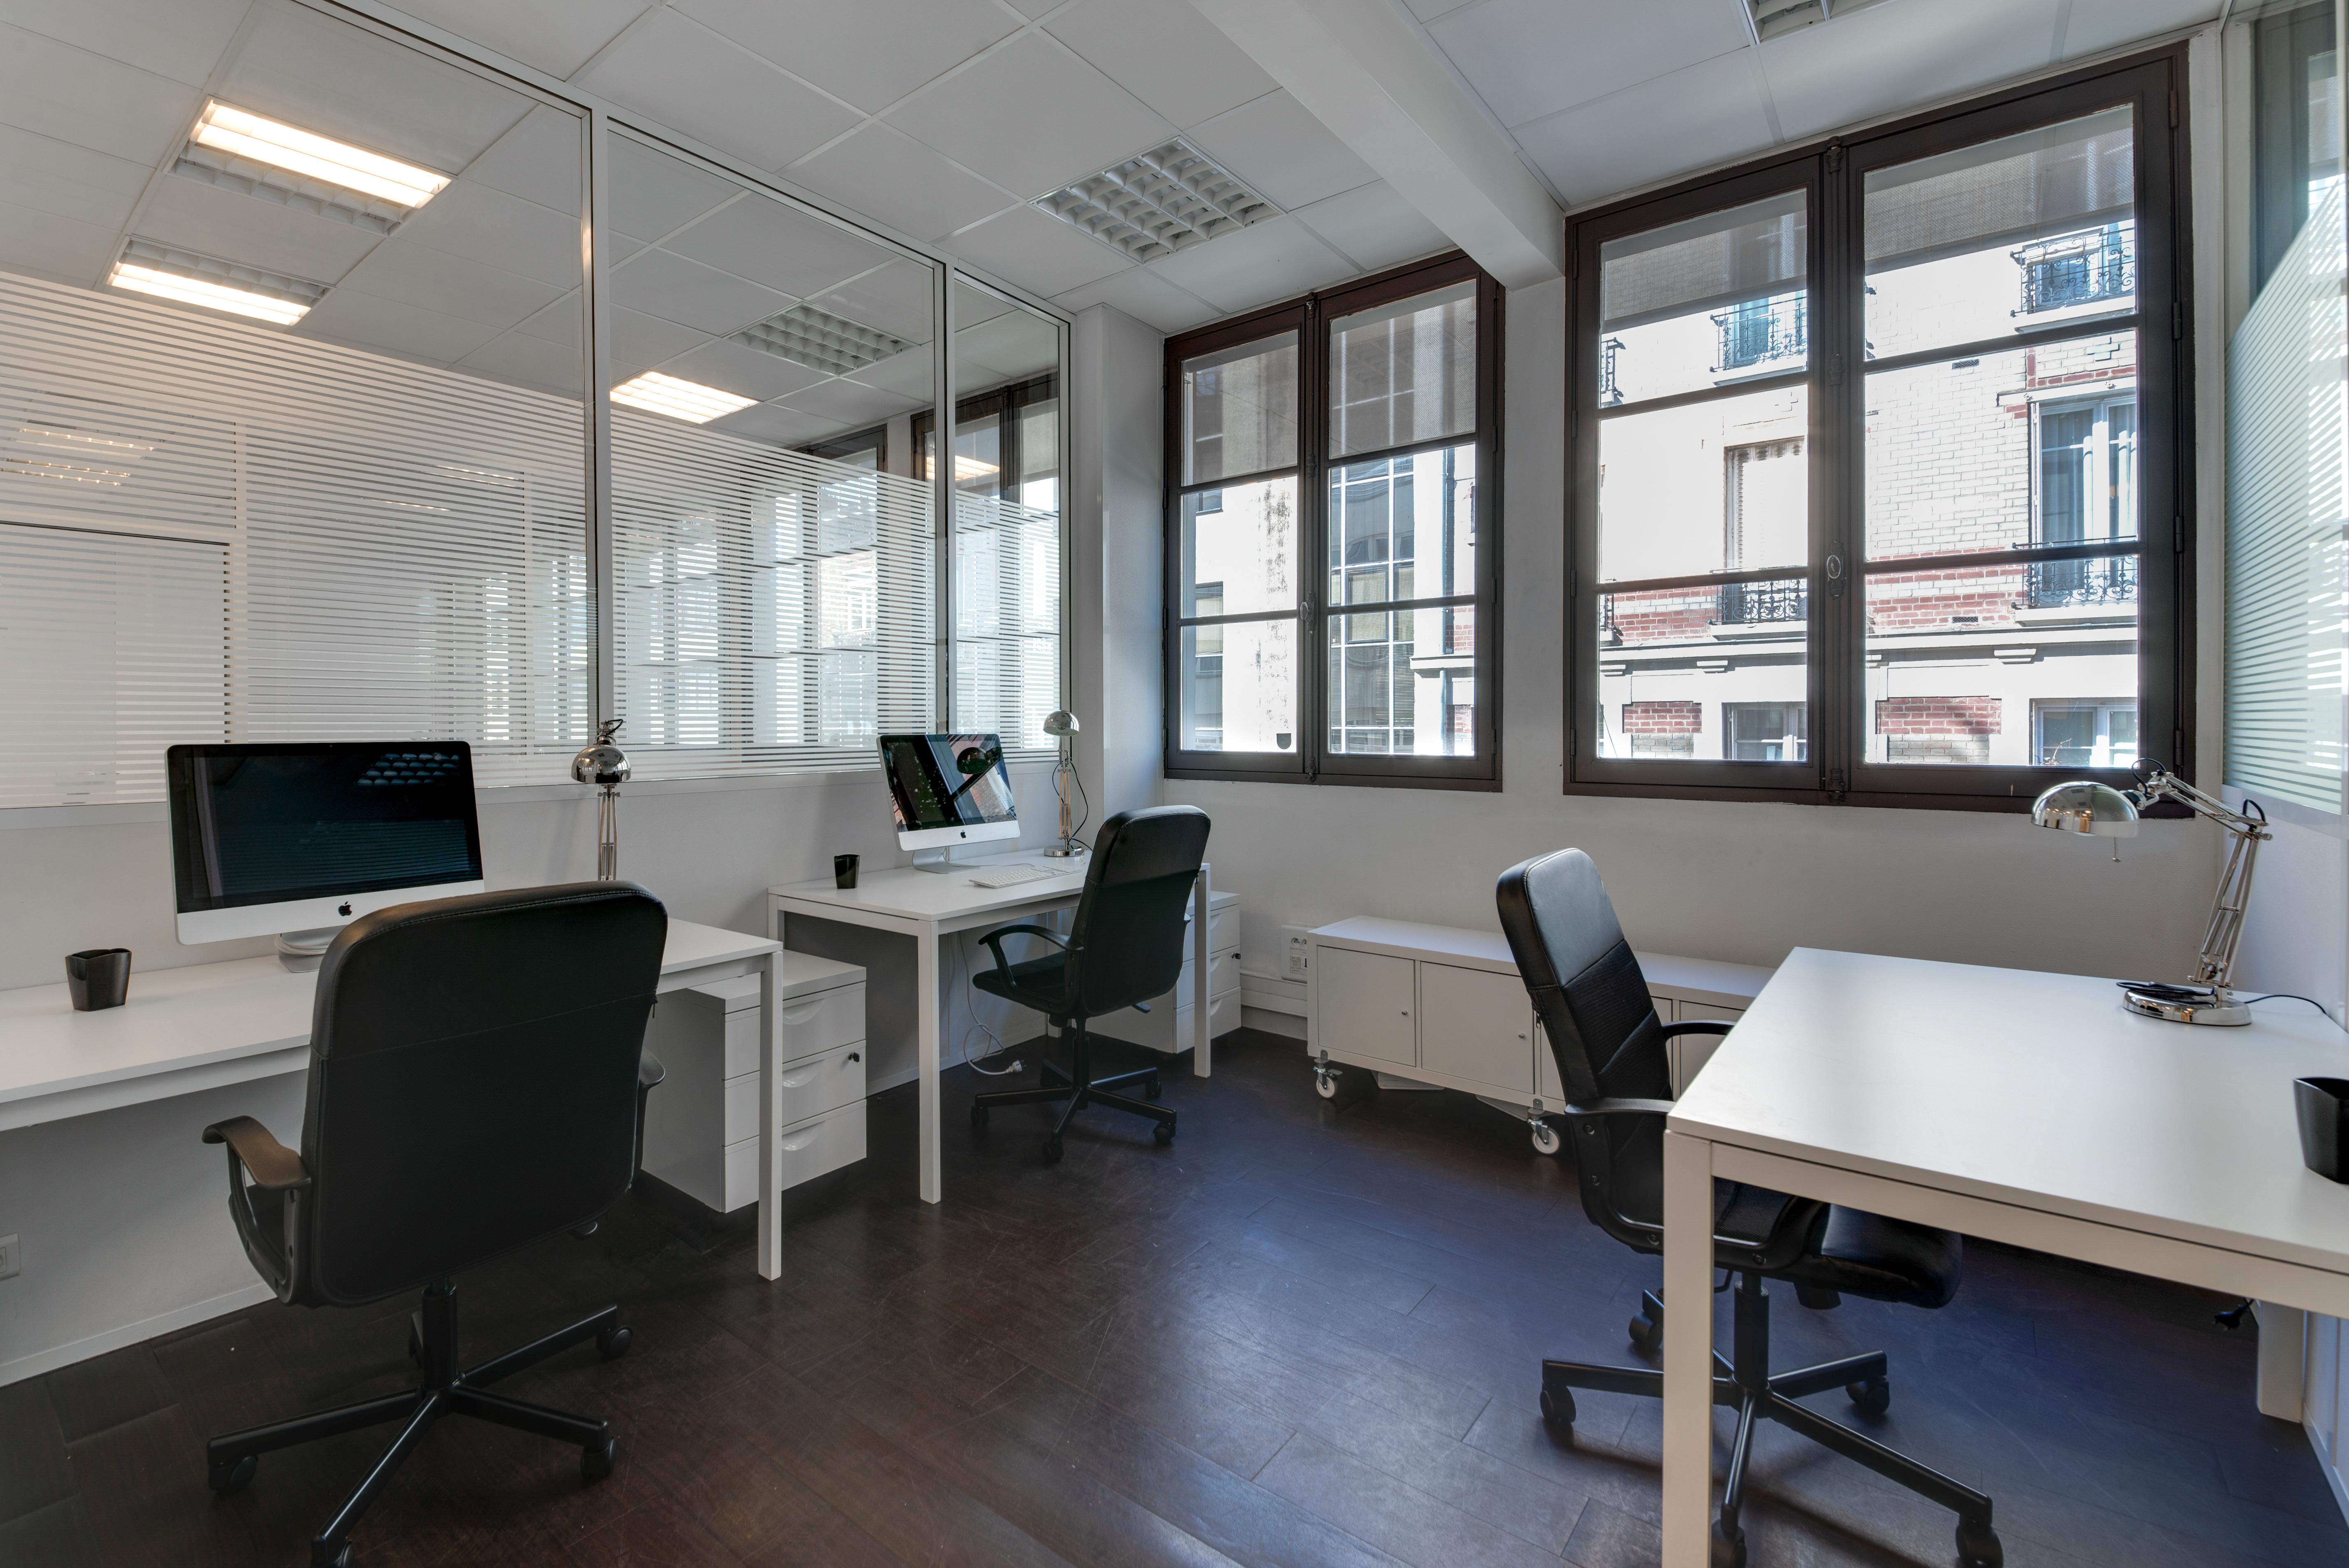 Bureaux Partagés France : Startup bureauxapartager le premier site de partage de bureaux